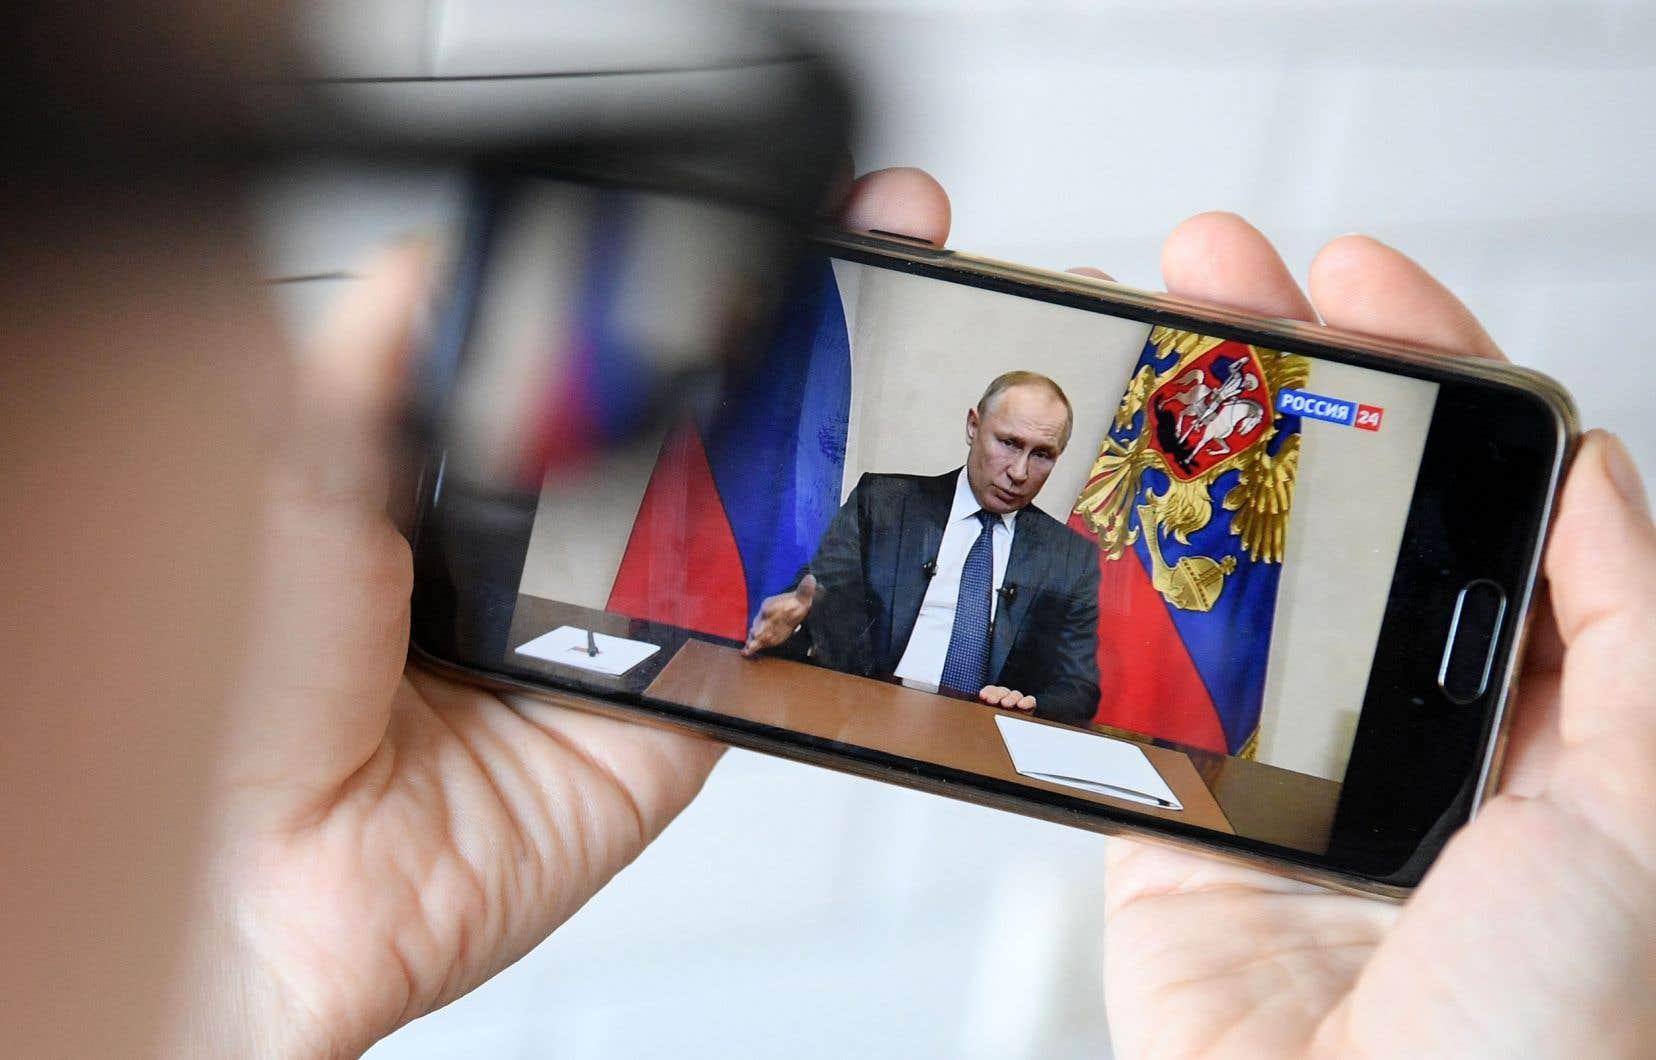 Le président russeVladimir Poutinen'a pas déclaré de confinement de la population, comme c'est le cas ailleurs dans le monde.